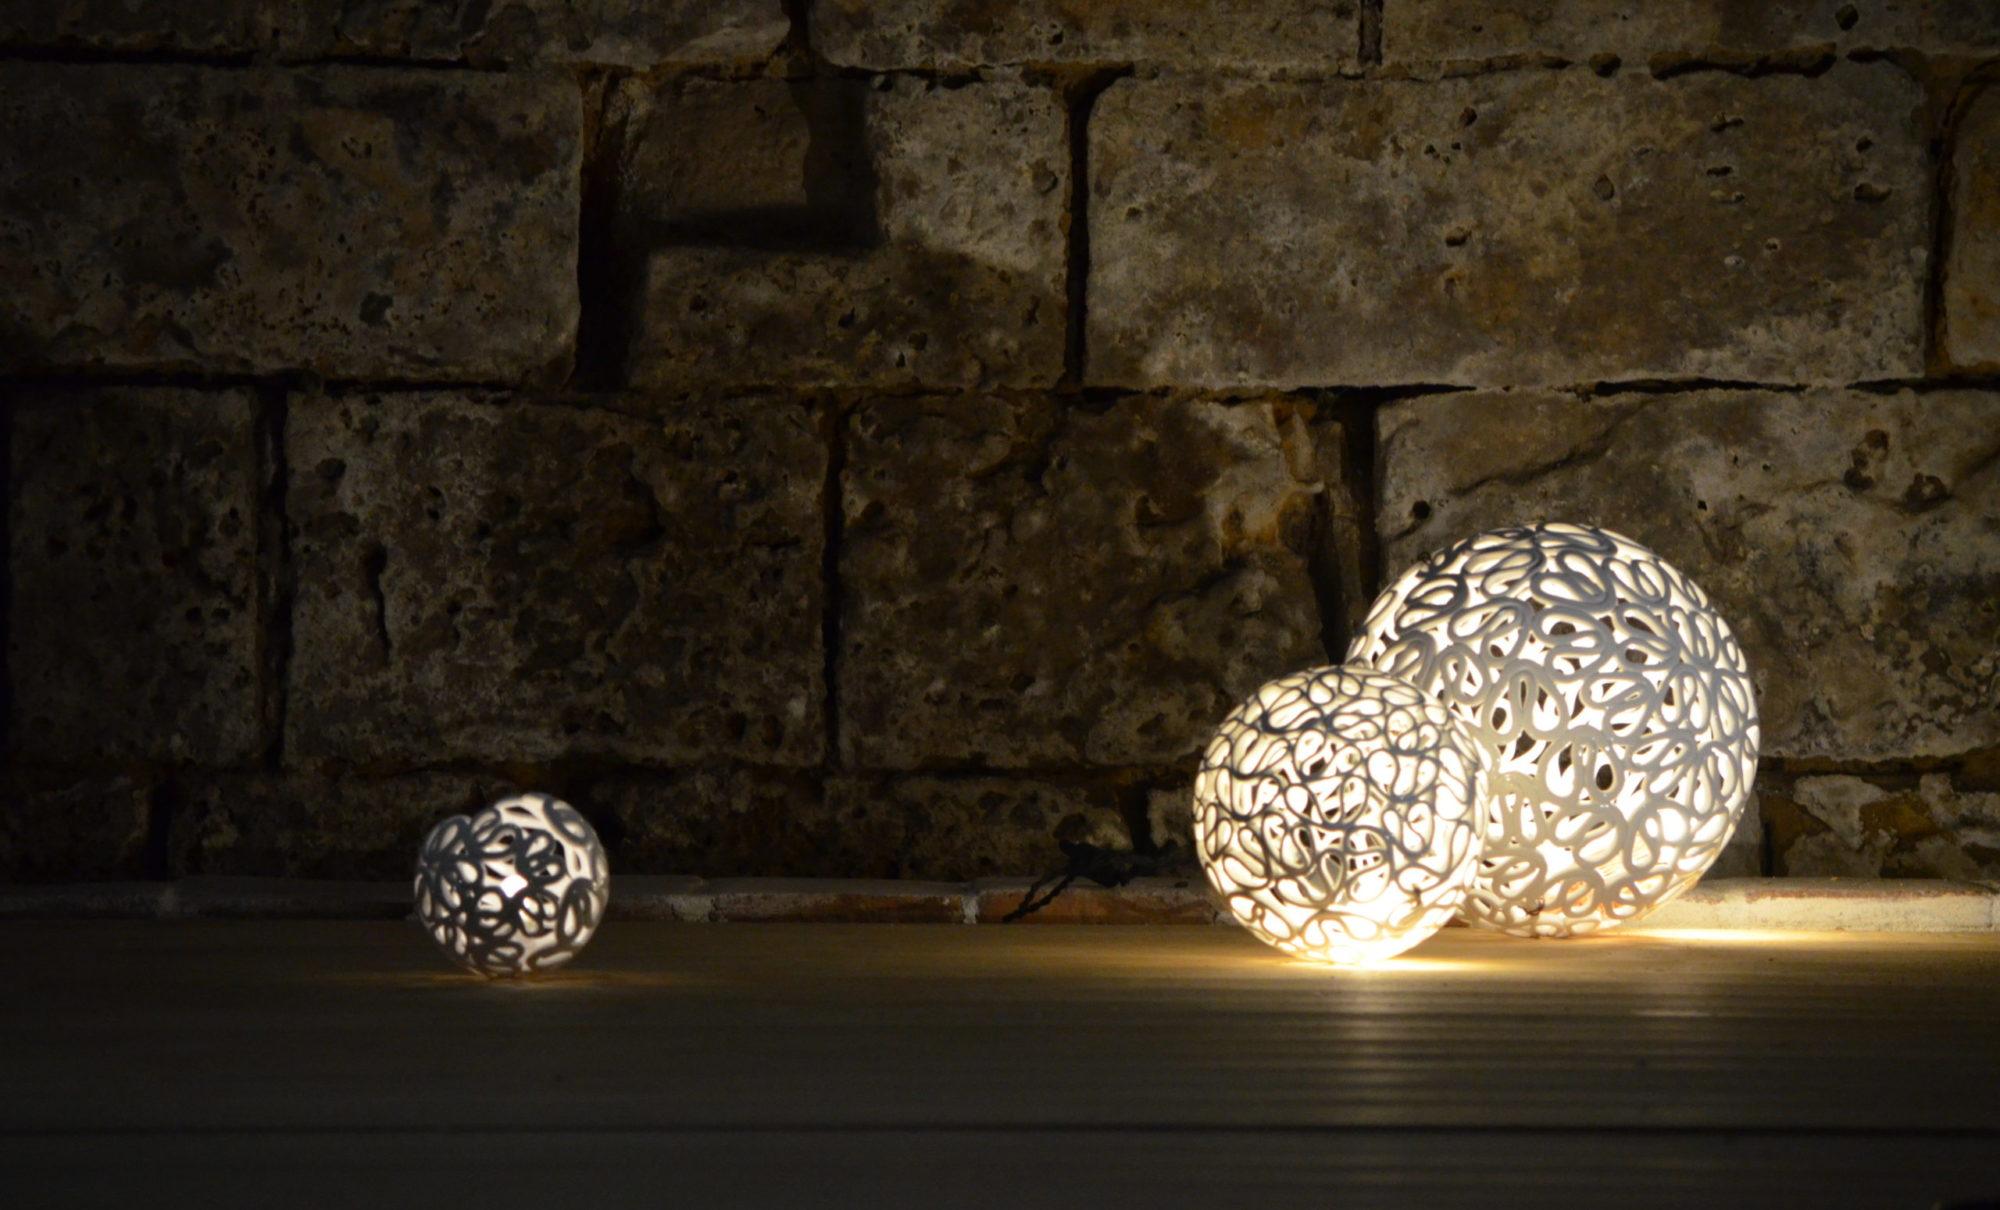 Atelier Du Luminaire Toulouse bio – atelier stéphanie joffre